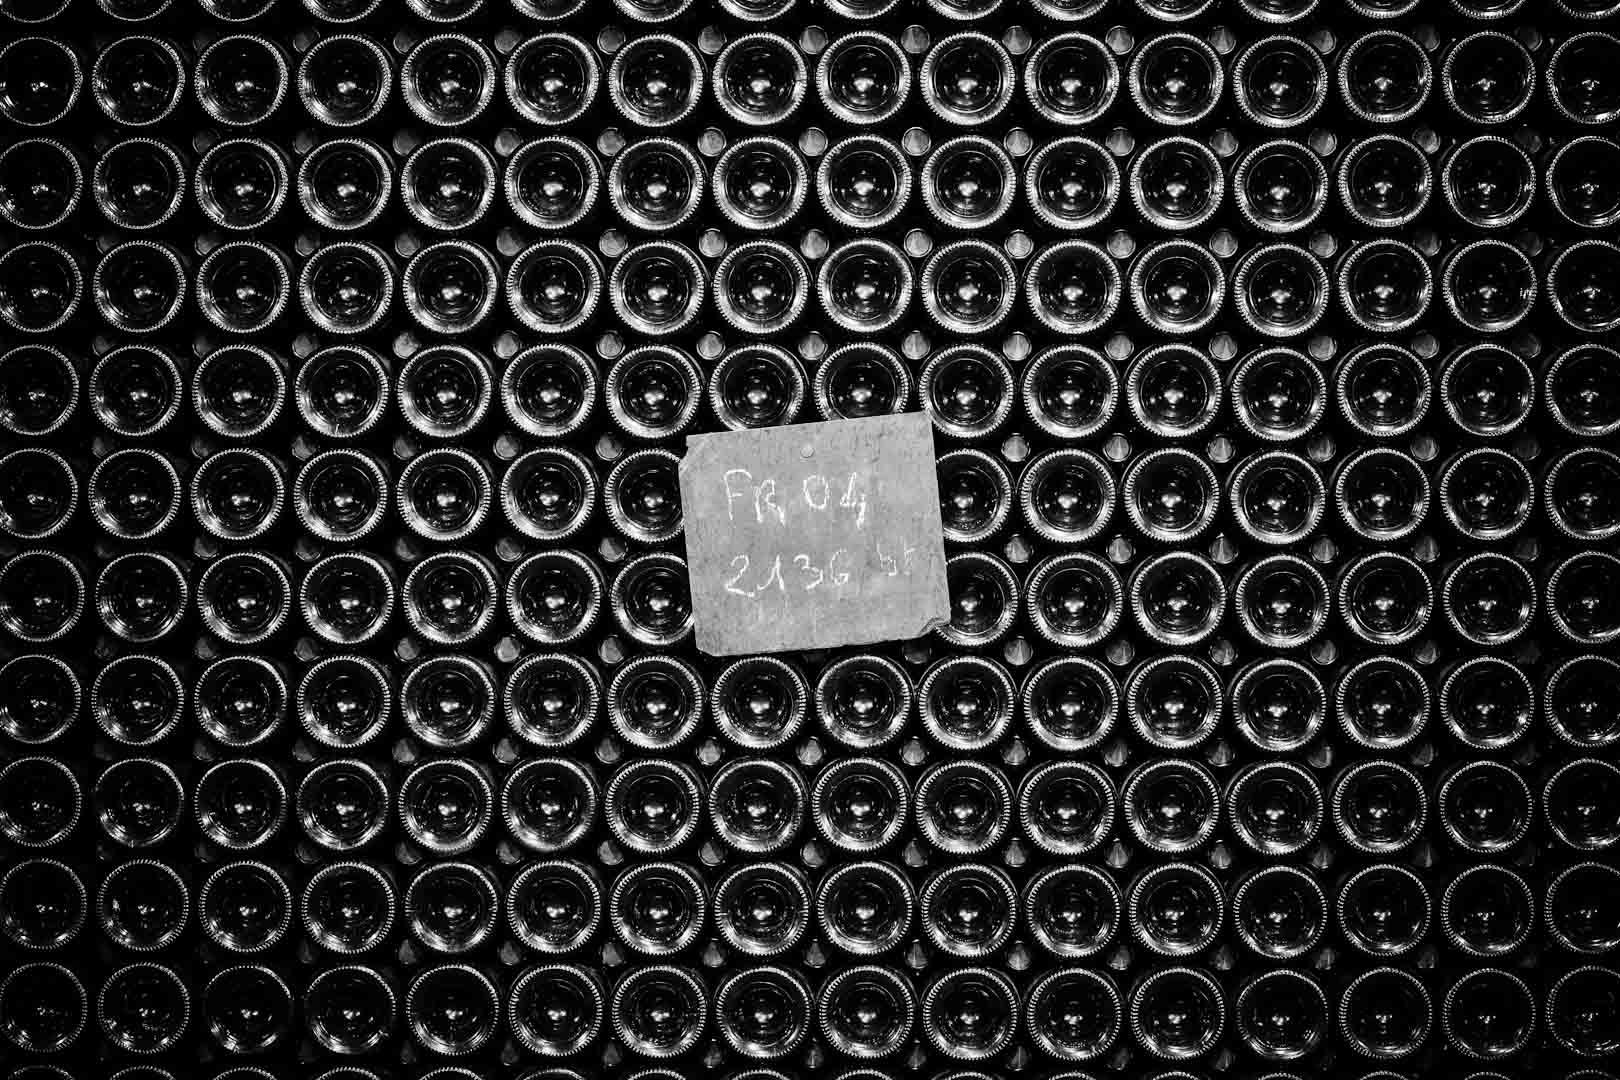 088_cellar__mg_9539.jpg